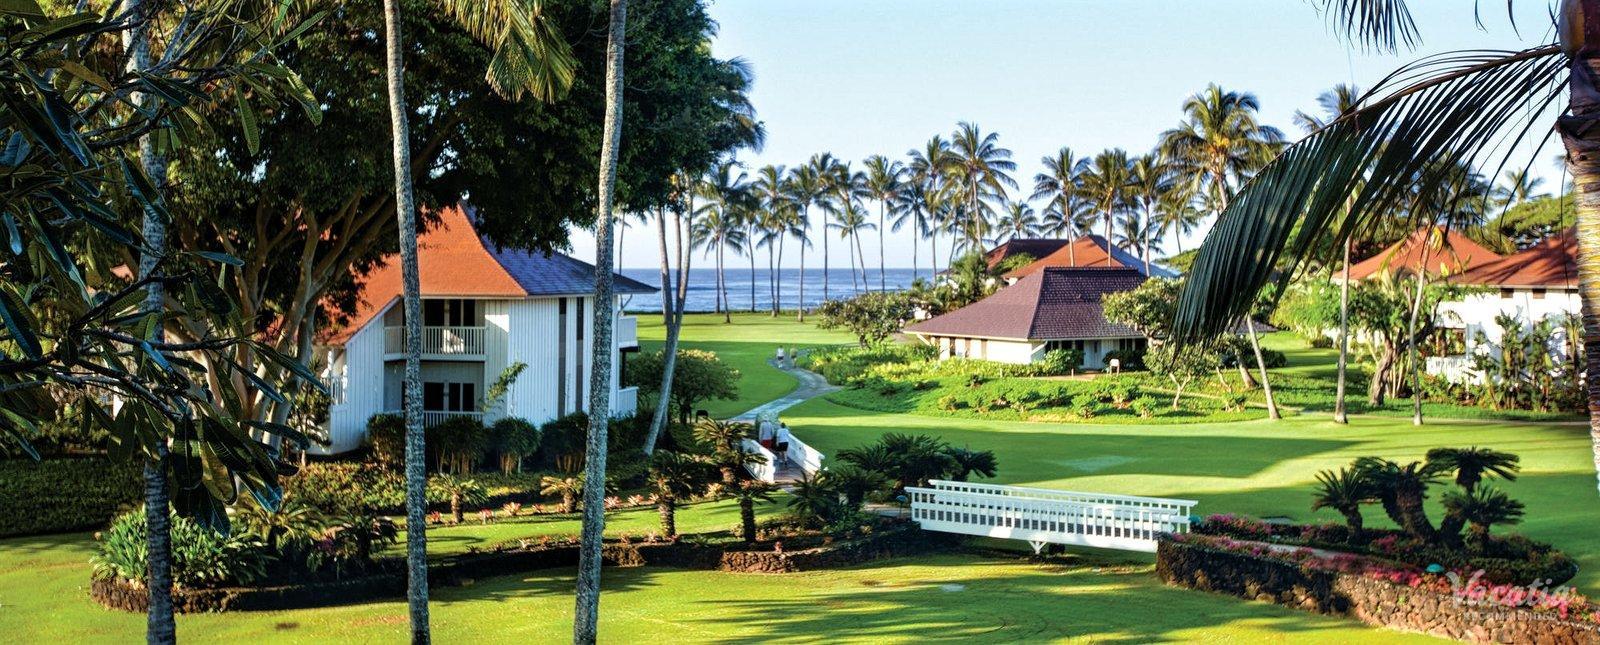 Kiahuna Plantation Resort Kauai Outrigger Kiahuna